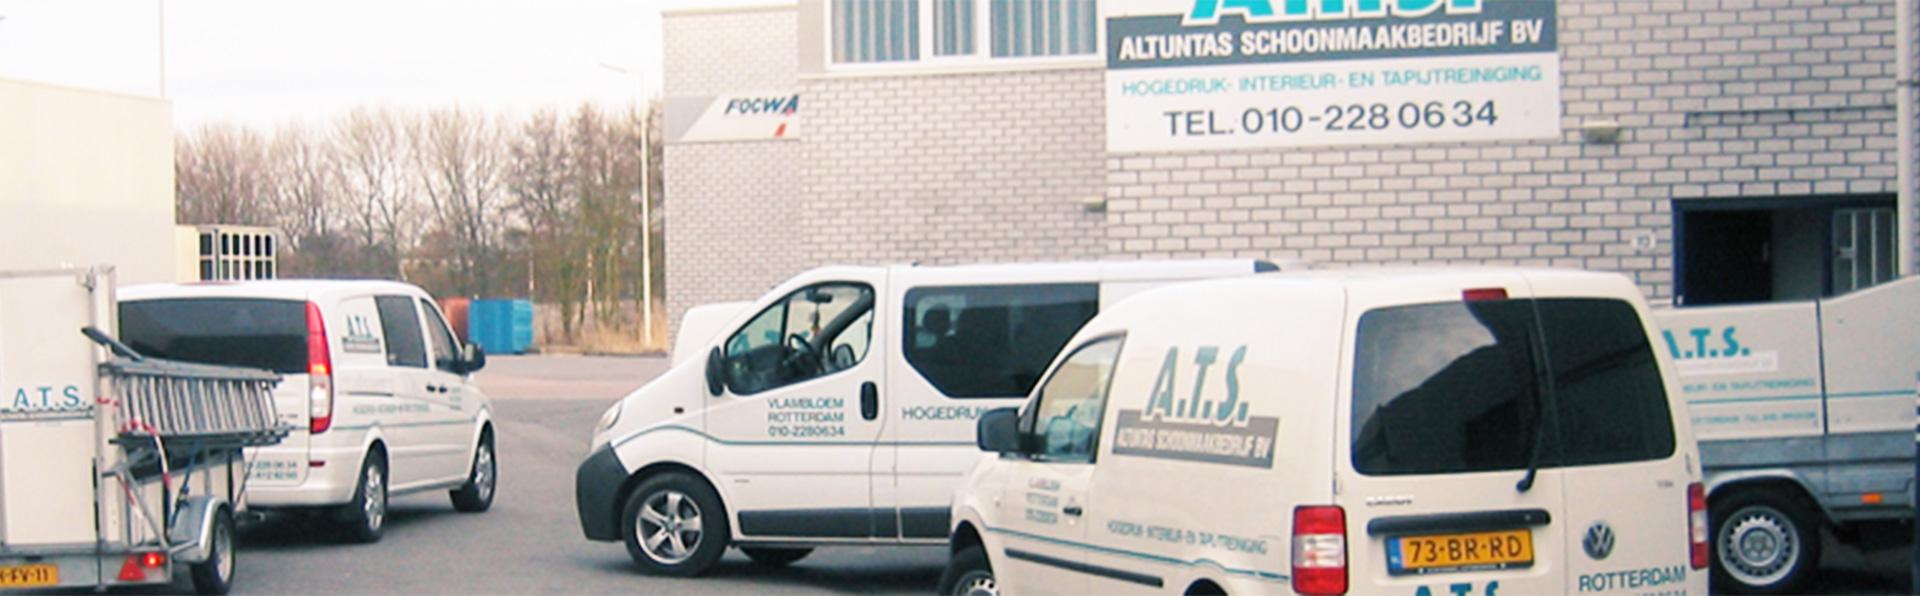 Schoonmaakbedrijf-Zoetermeer-ATS-header